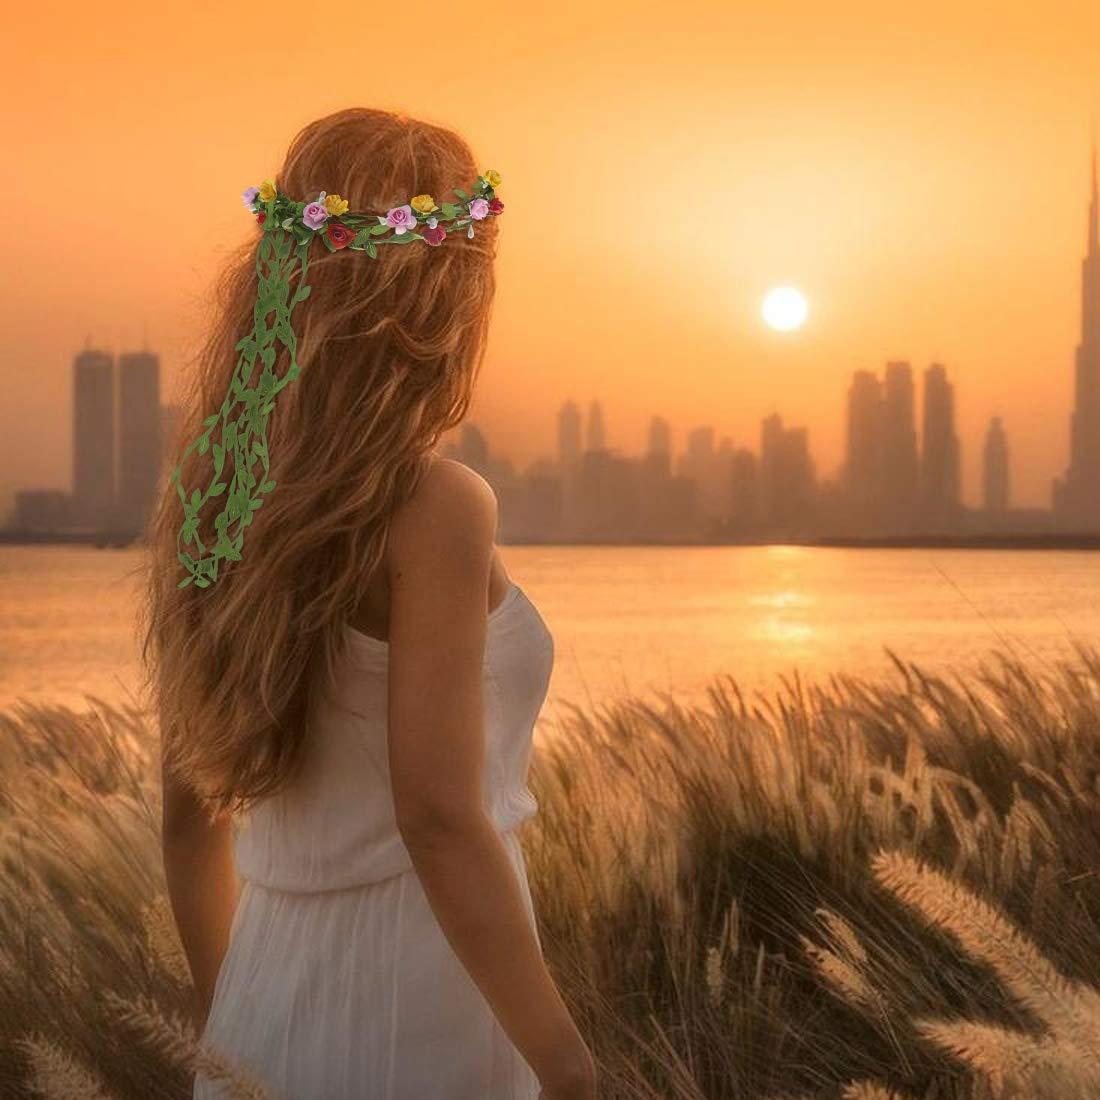 Soleebee 7 St/ück Blumenkranz Blume Krone M/ädchen mehrfarbig Bohemian Floral Girlande Kopfschmuck Stirnband Haarband f/ür Geburtstag Party Hochzeit Braut Brautjungfer